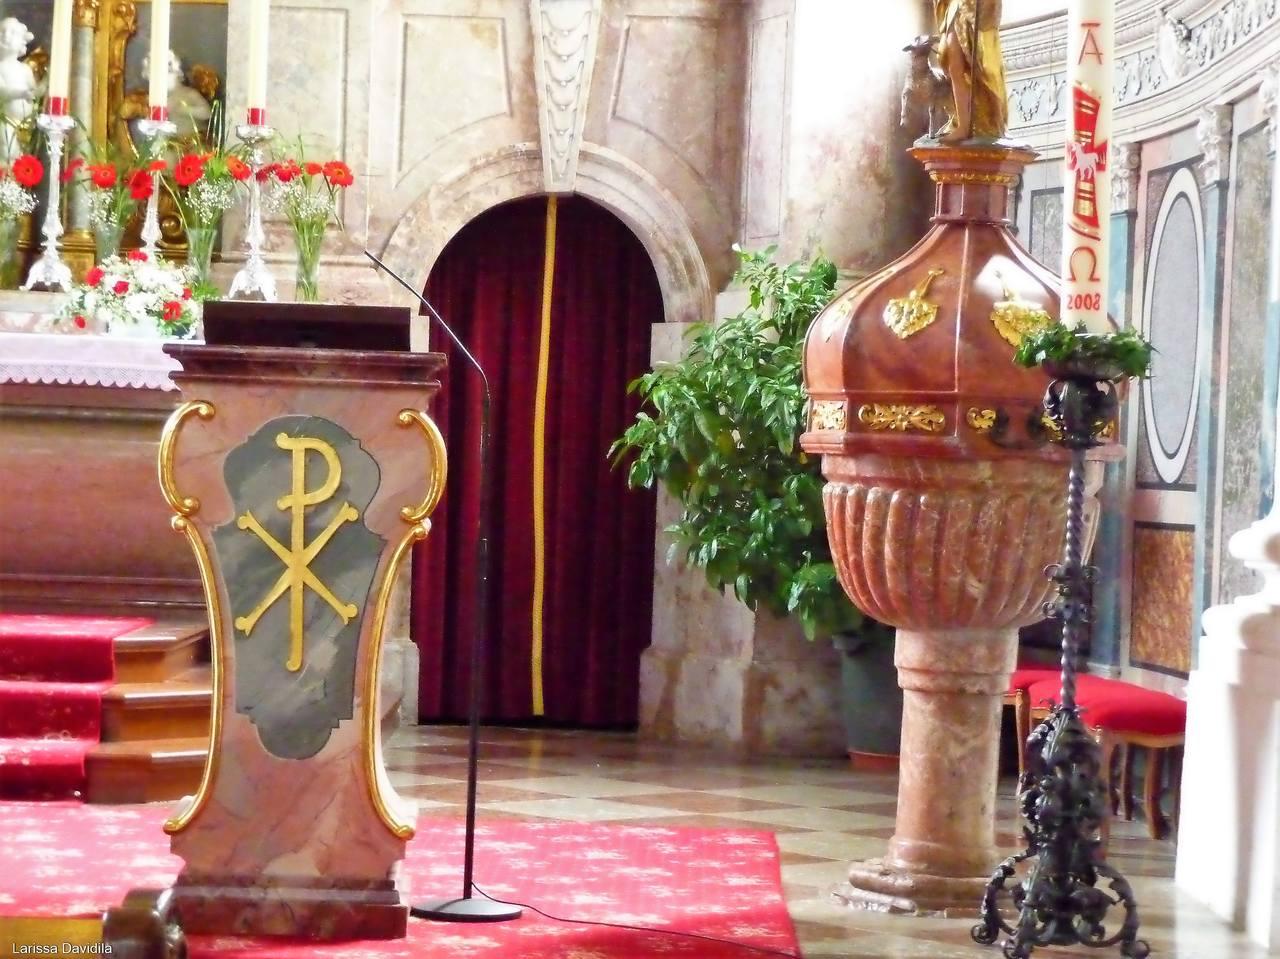 St. Johann -25-8-08 (13)